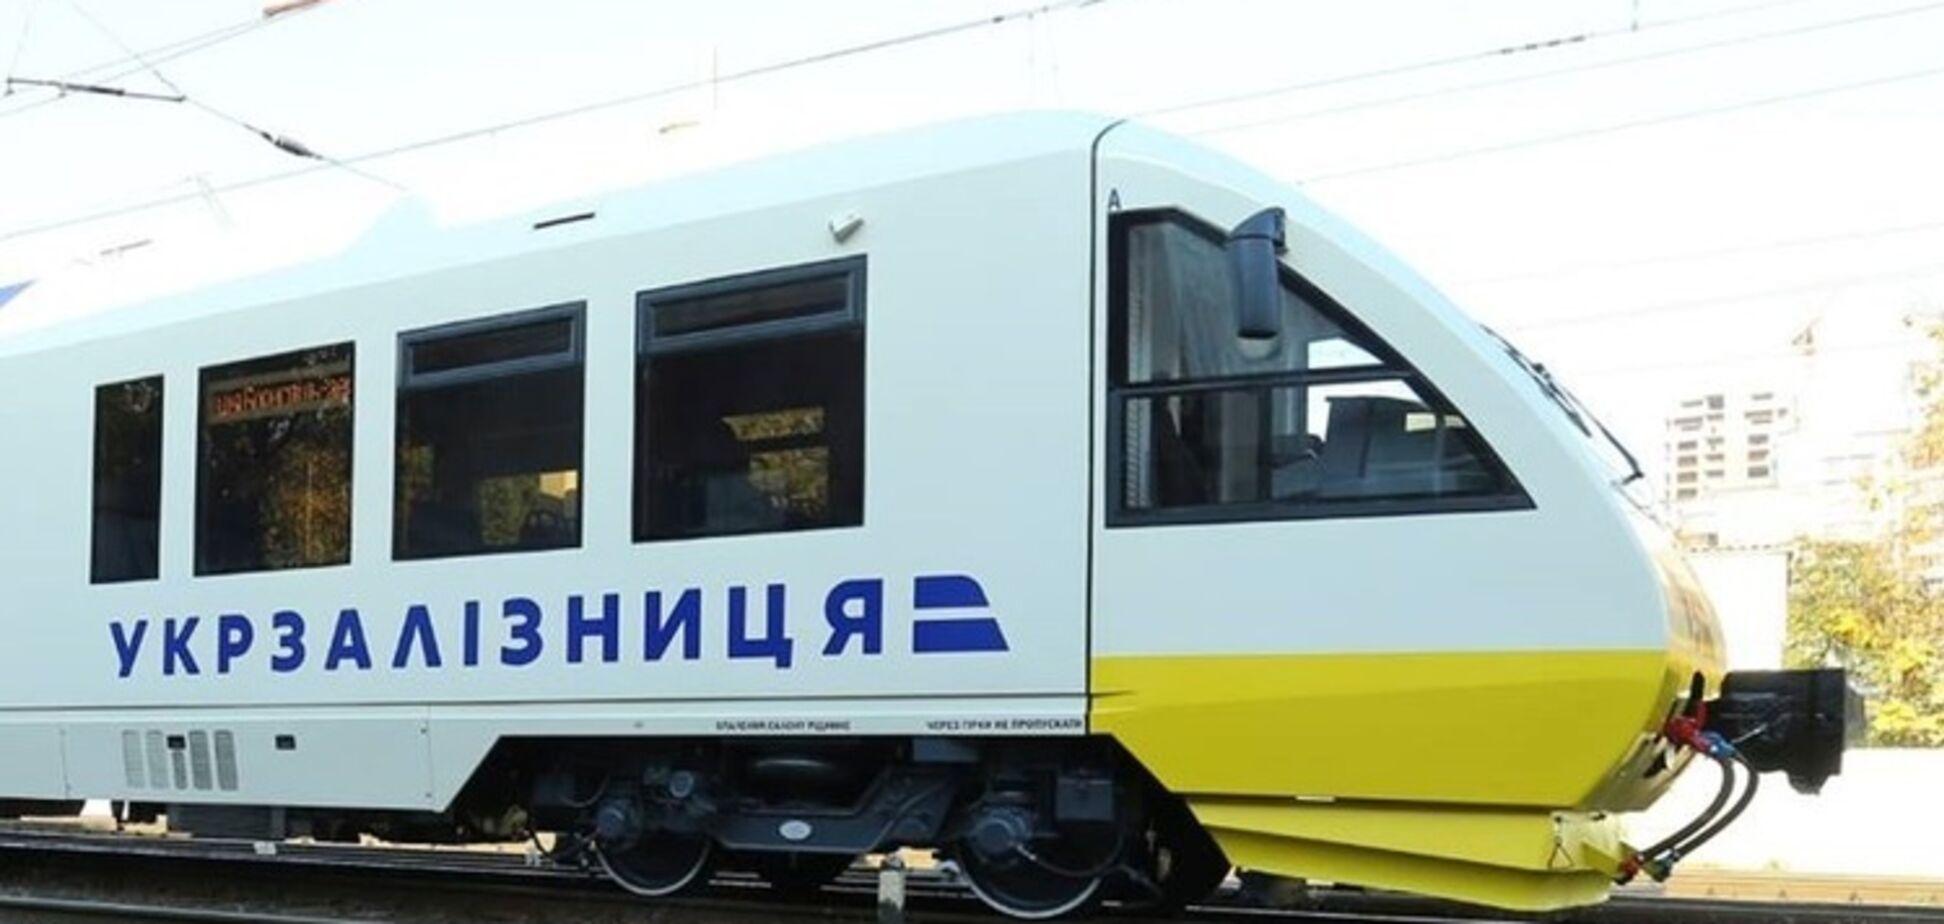 Рязанцев назвал подставой для нового главы УЗ финплан с дефицитом в 4 млрд грн